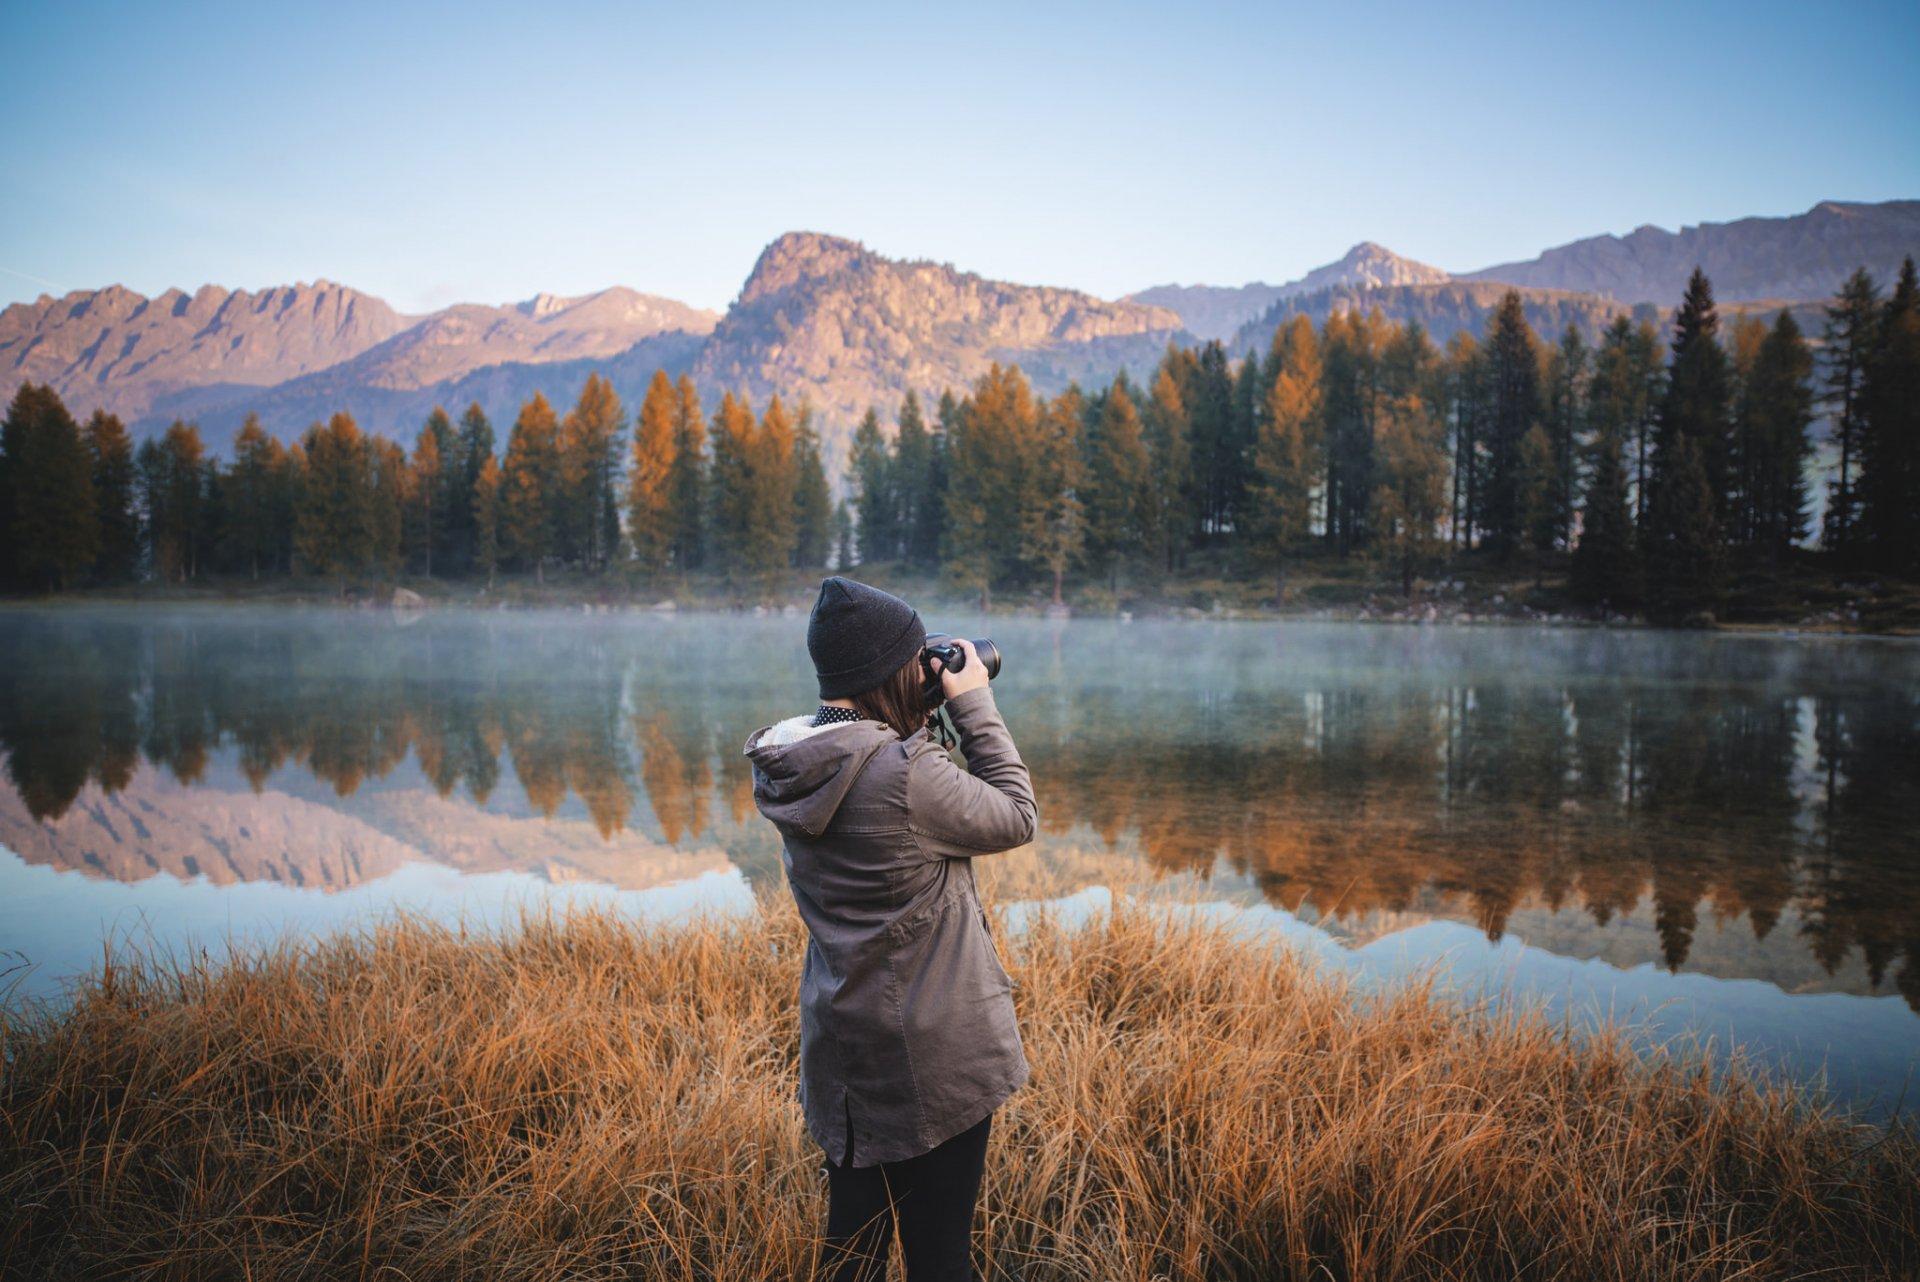 как фотографировать человека на фоне пейзажа владельцев